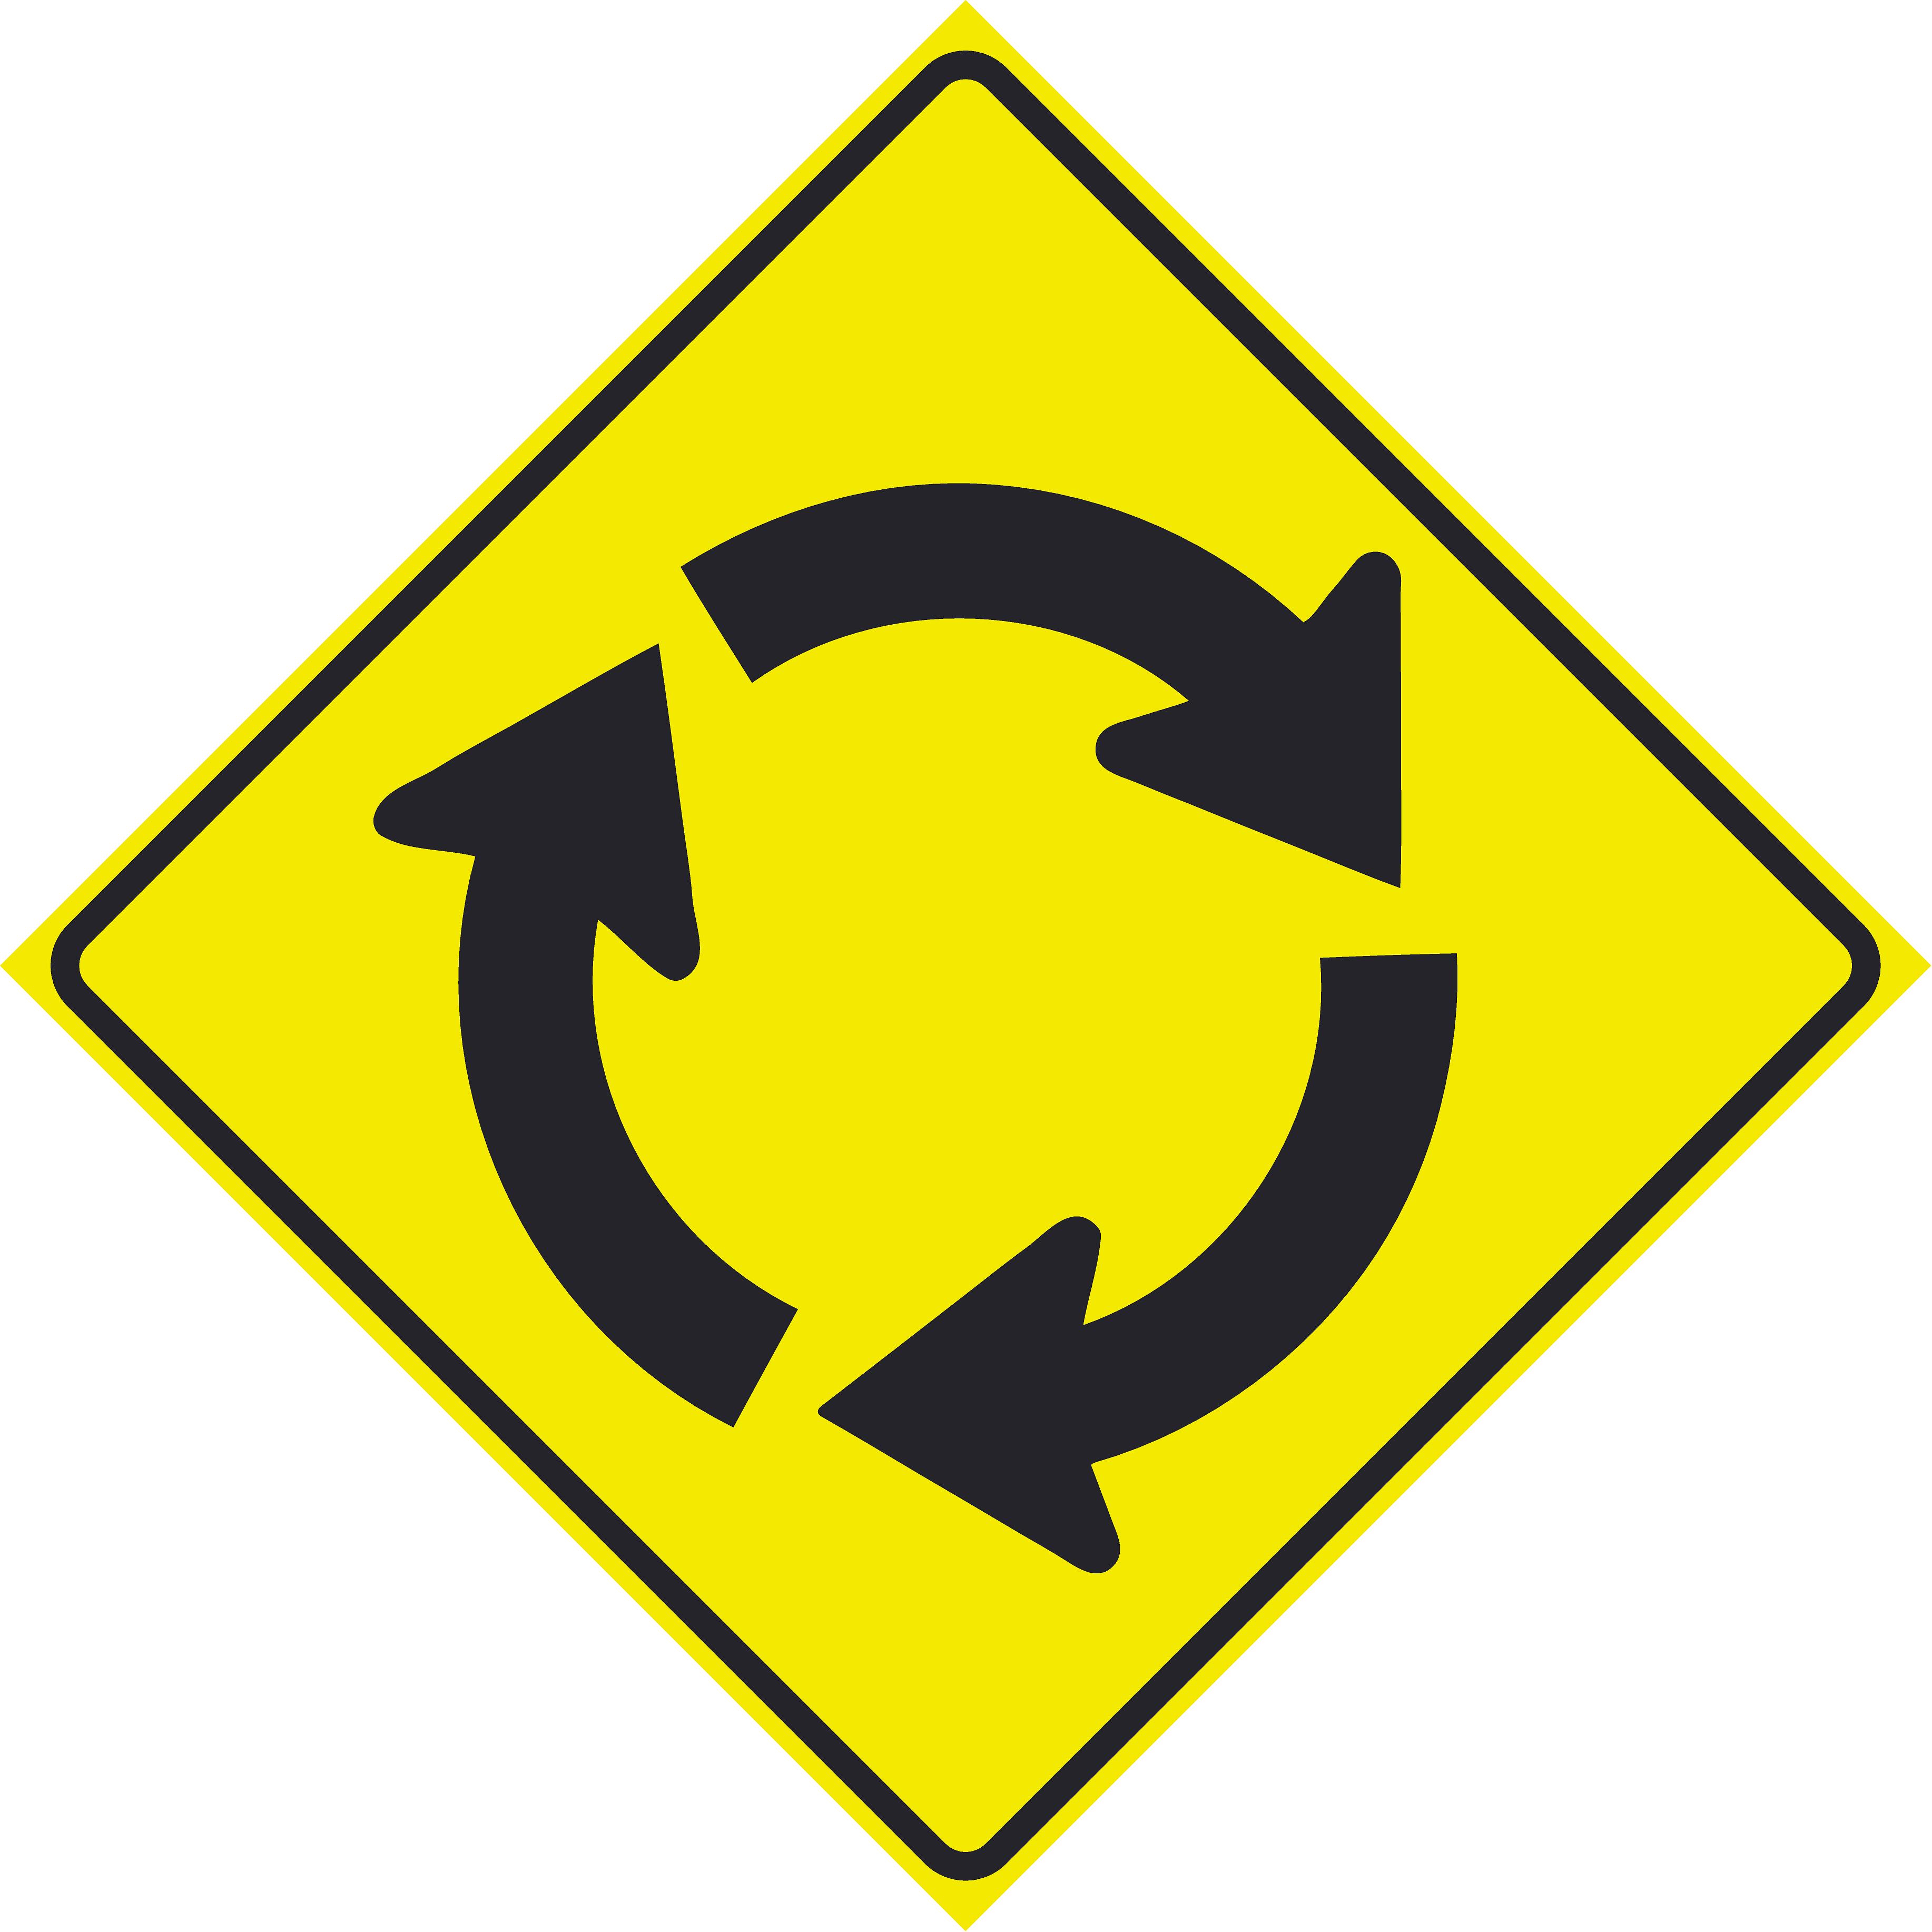 Roundabout (W2-6)